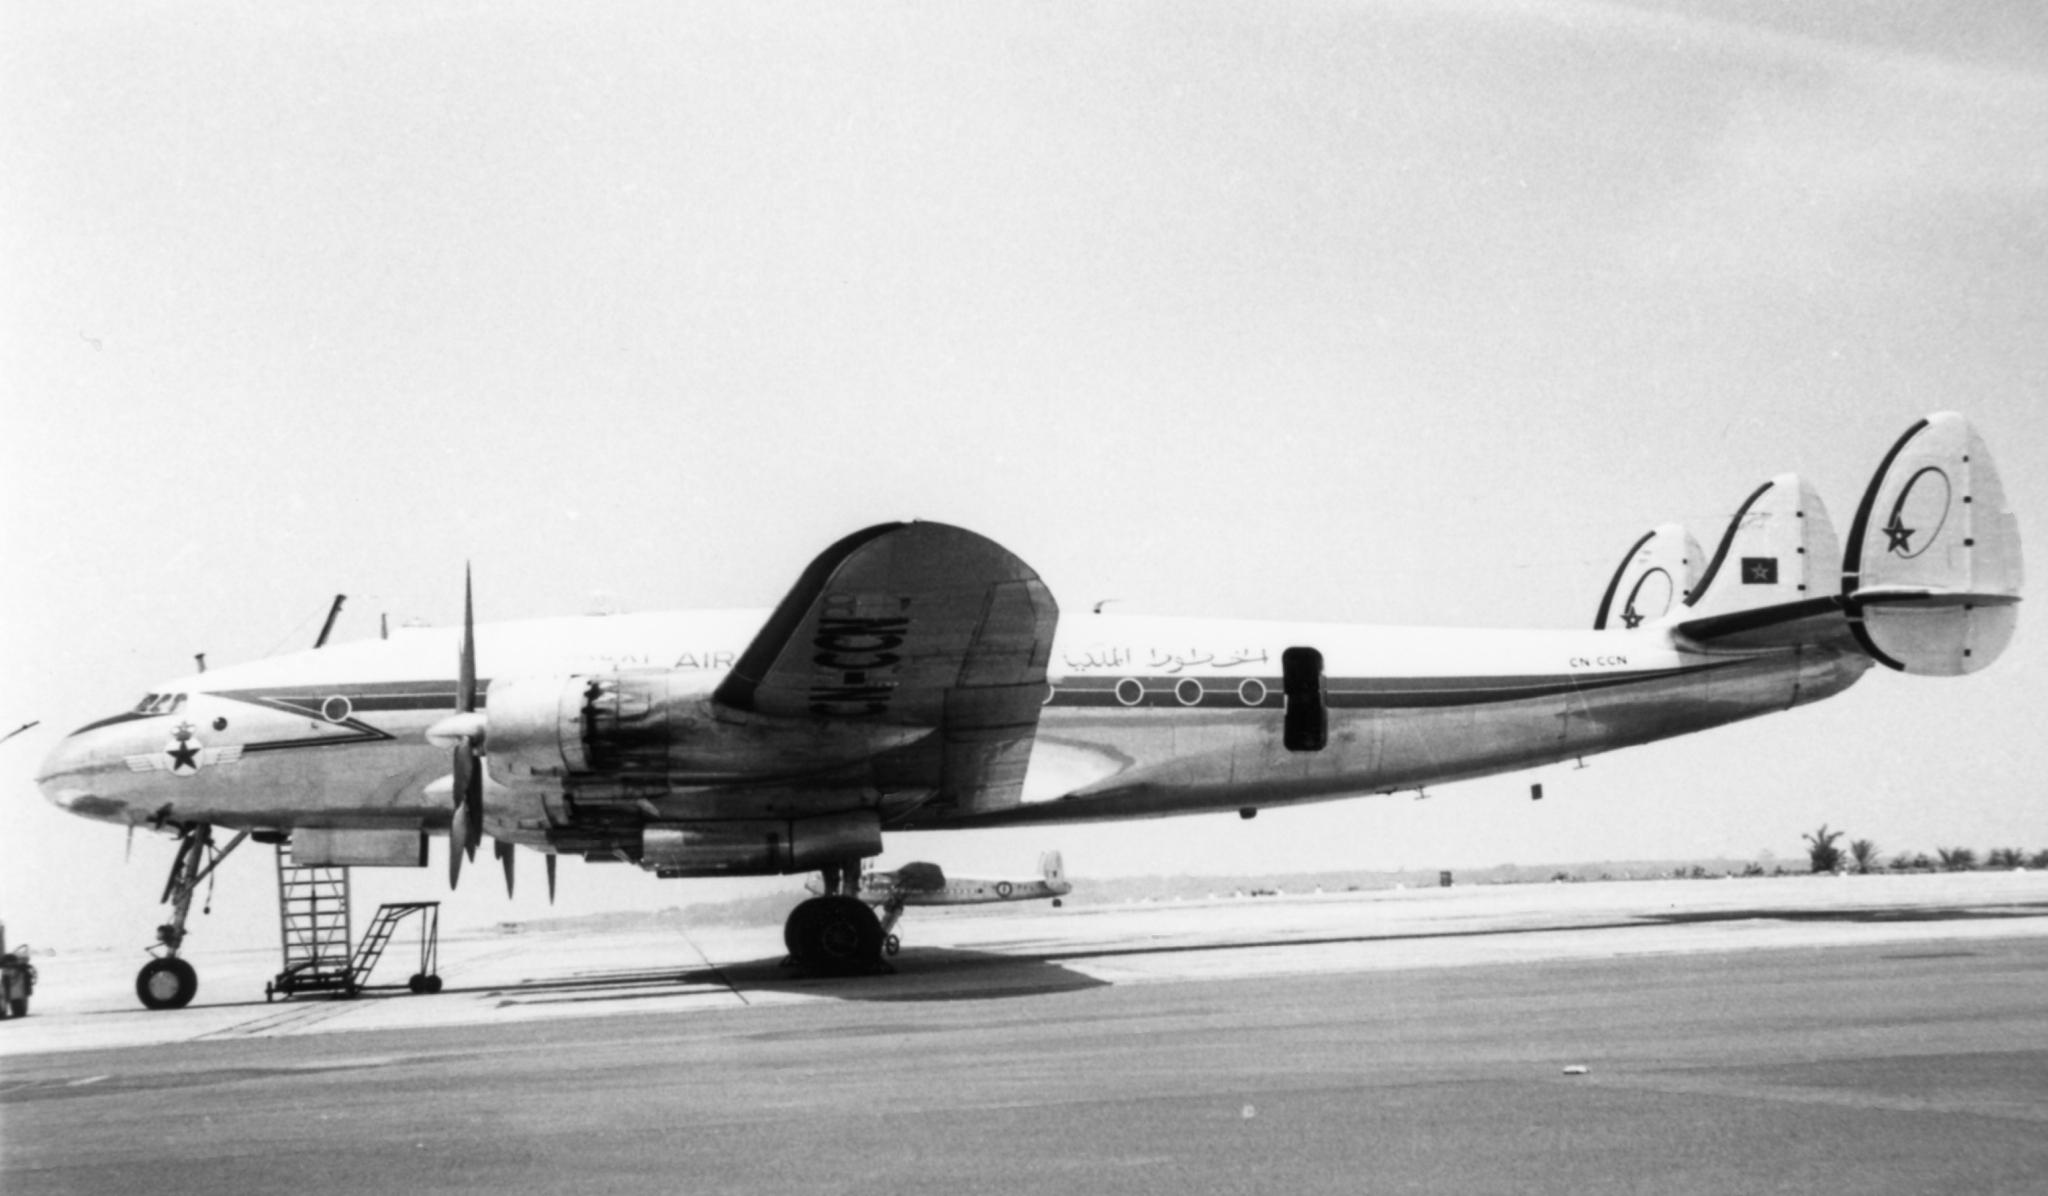 Anciens avions de la RAM - Page 4 49807745522_ff7f2805ac_o_d